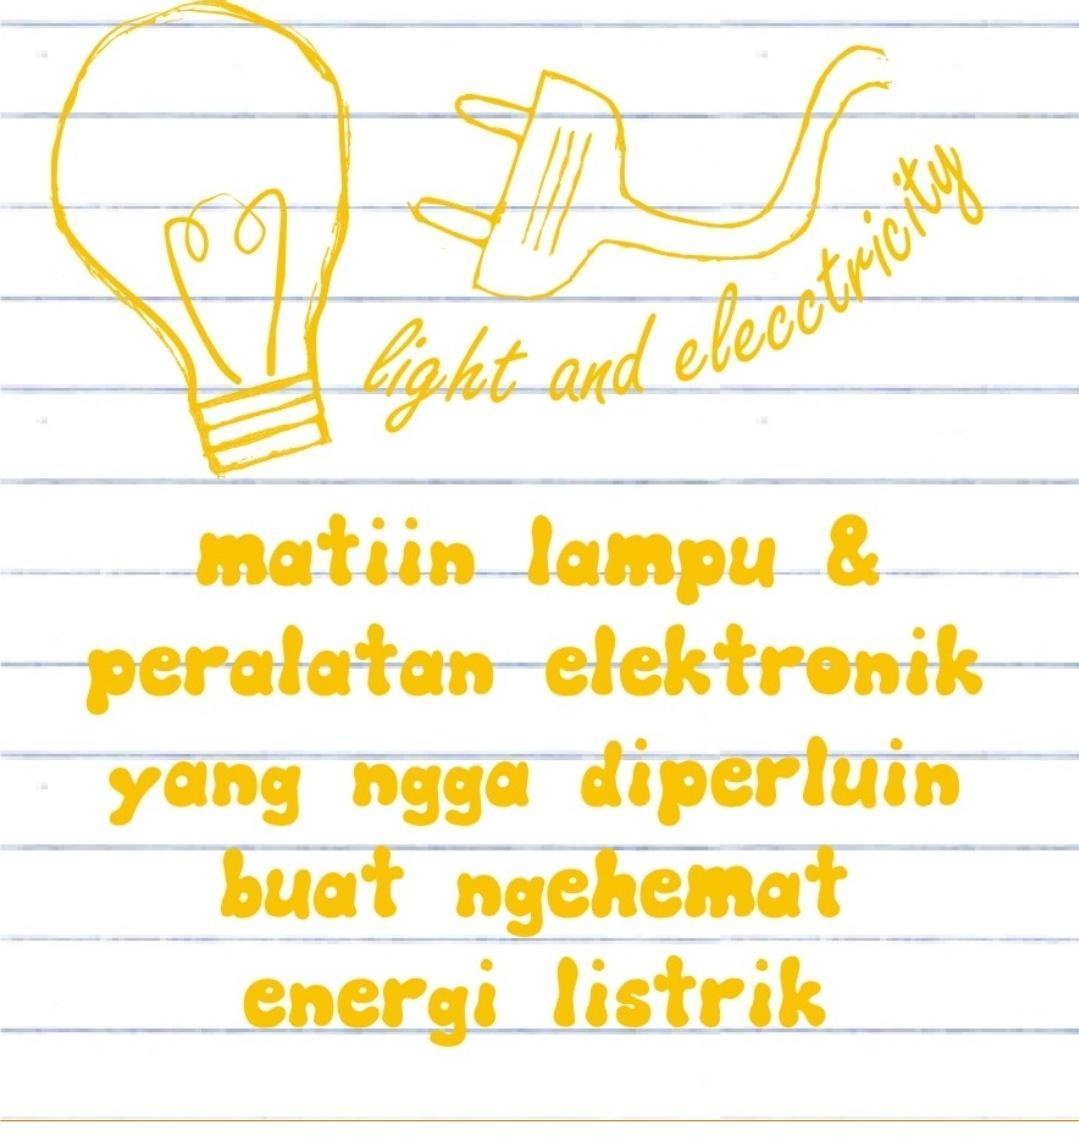 Sekarang Buatlah Poster Tentang Hemat Listrik Poster Harus Berisi Hak Untukmendapatkan Energi Brainly Co Id